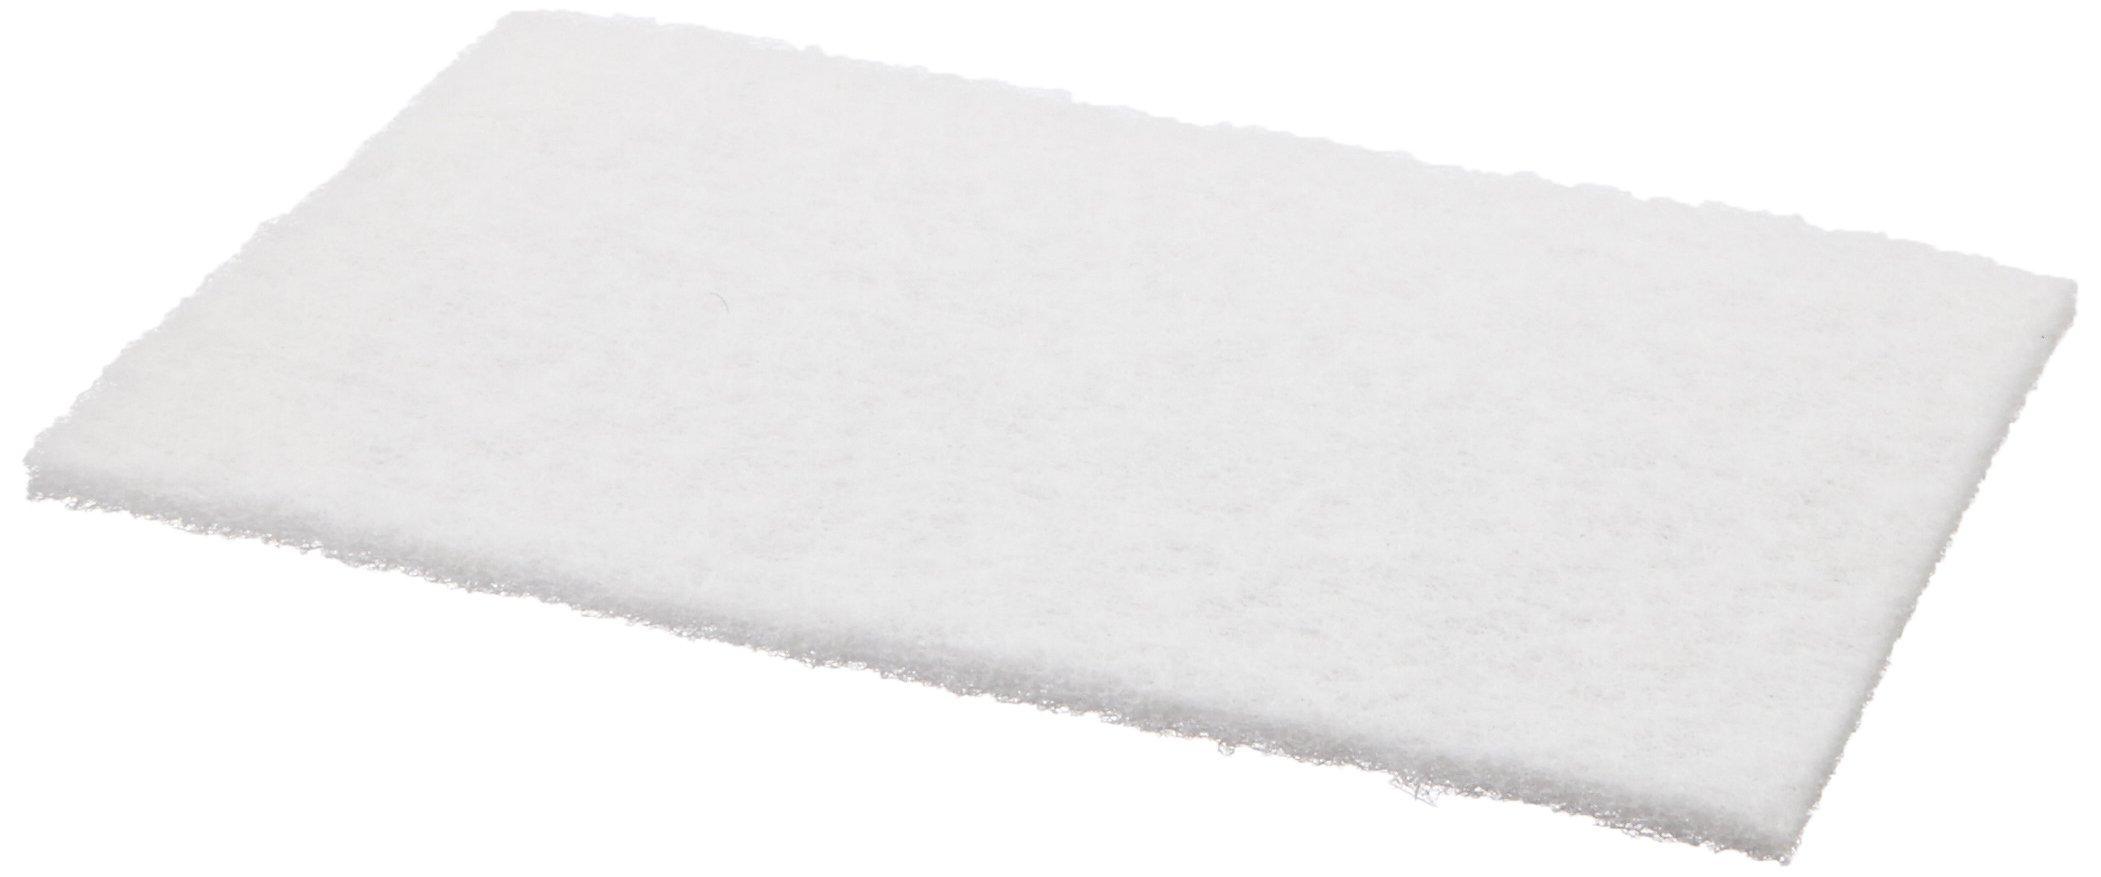 Scotch-Brite(TM) Light Cleansing Pad 7445, Aluminum Silicate, 9'' Length x 6'' Width, White  (Pack of 20) by Scotch-Brite